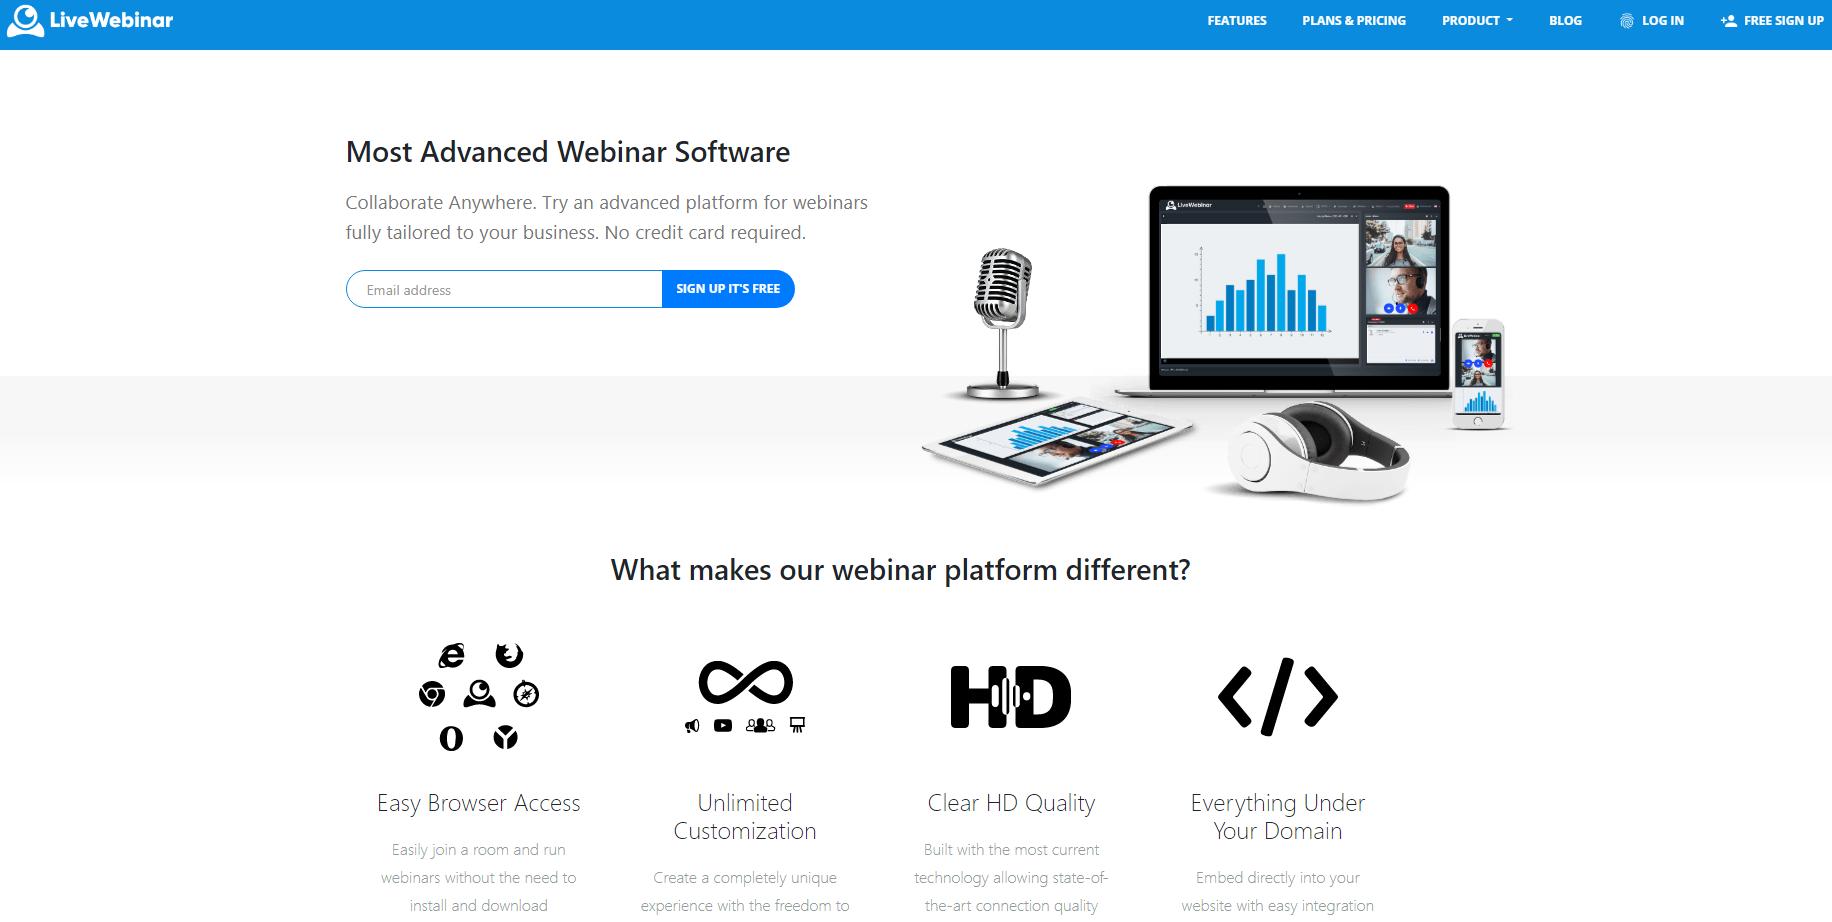 Livewebinar black friday deal 2020